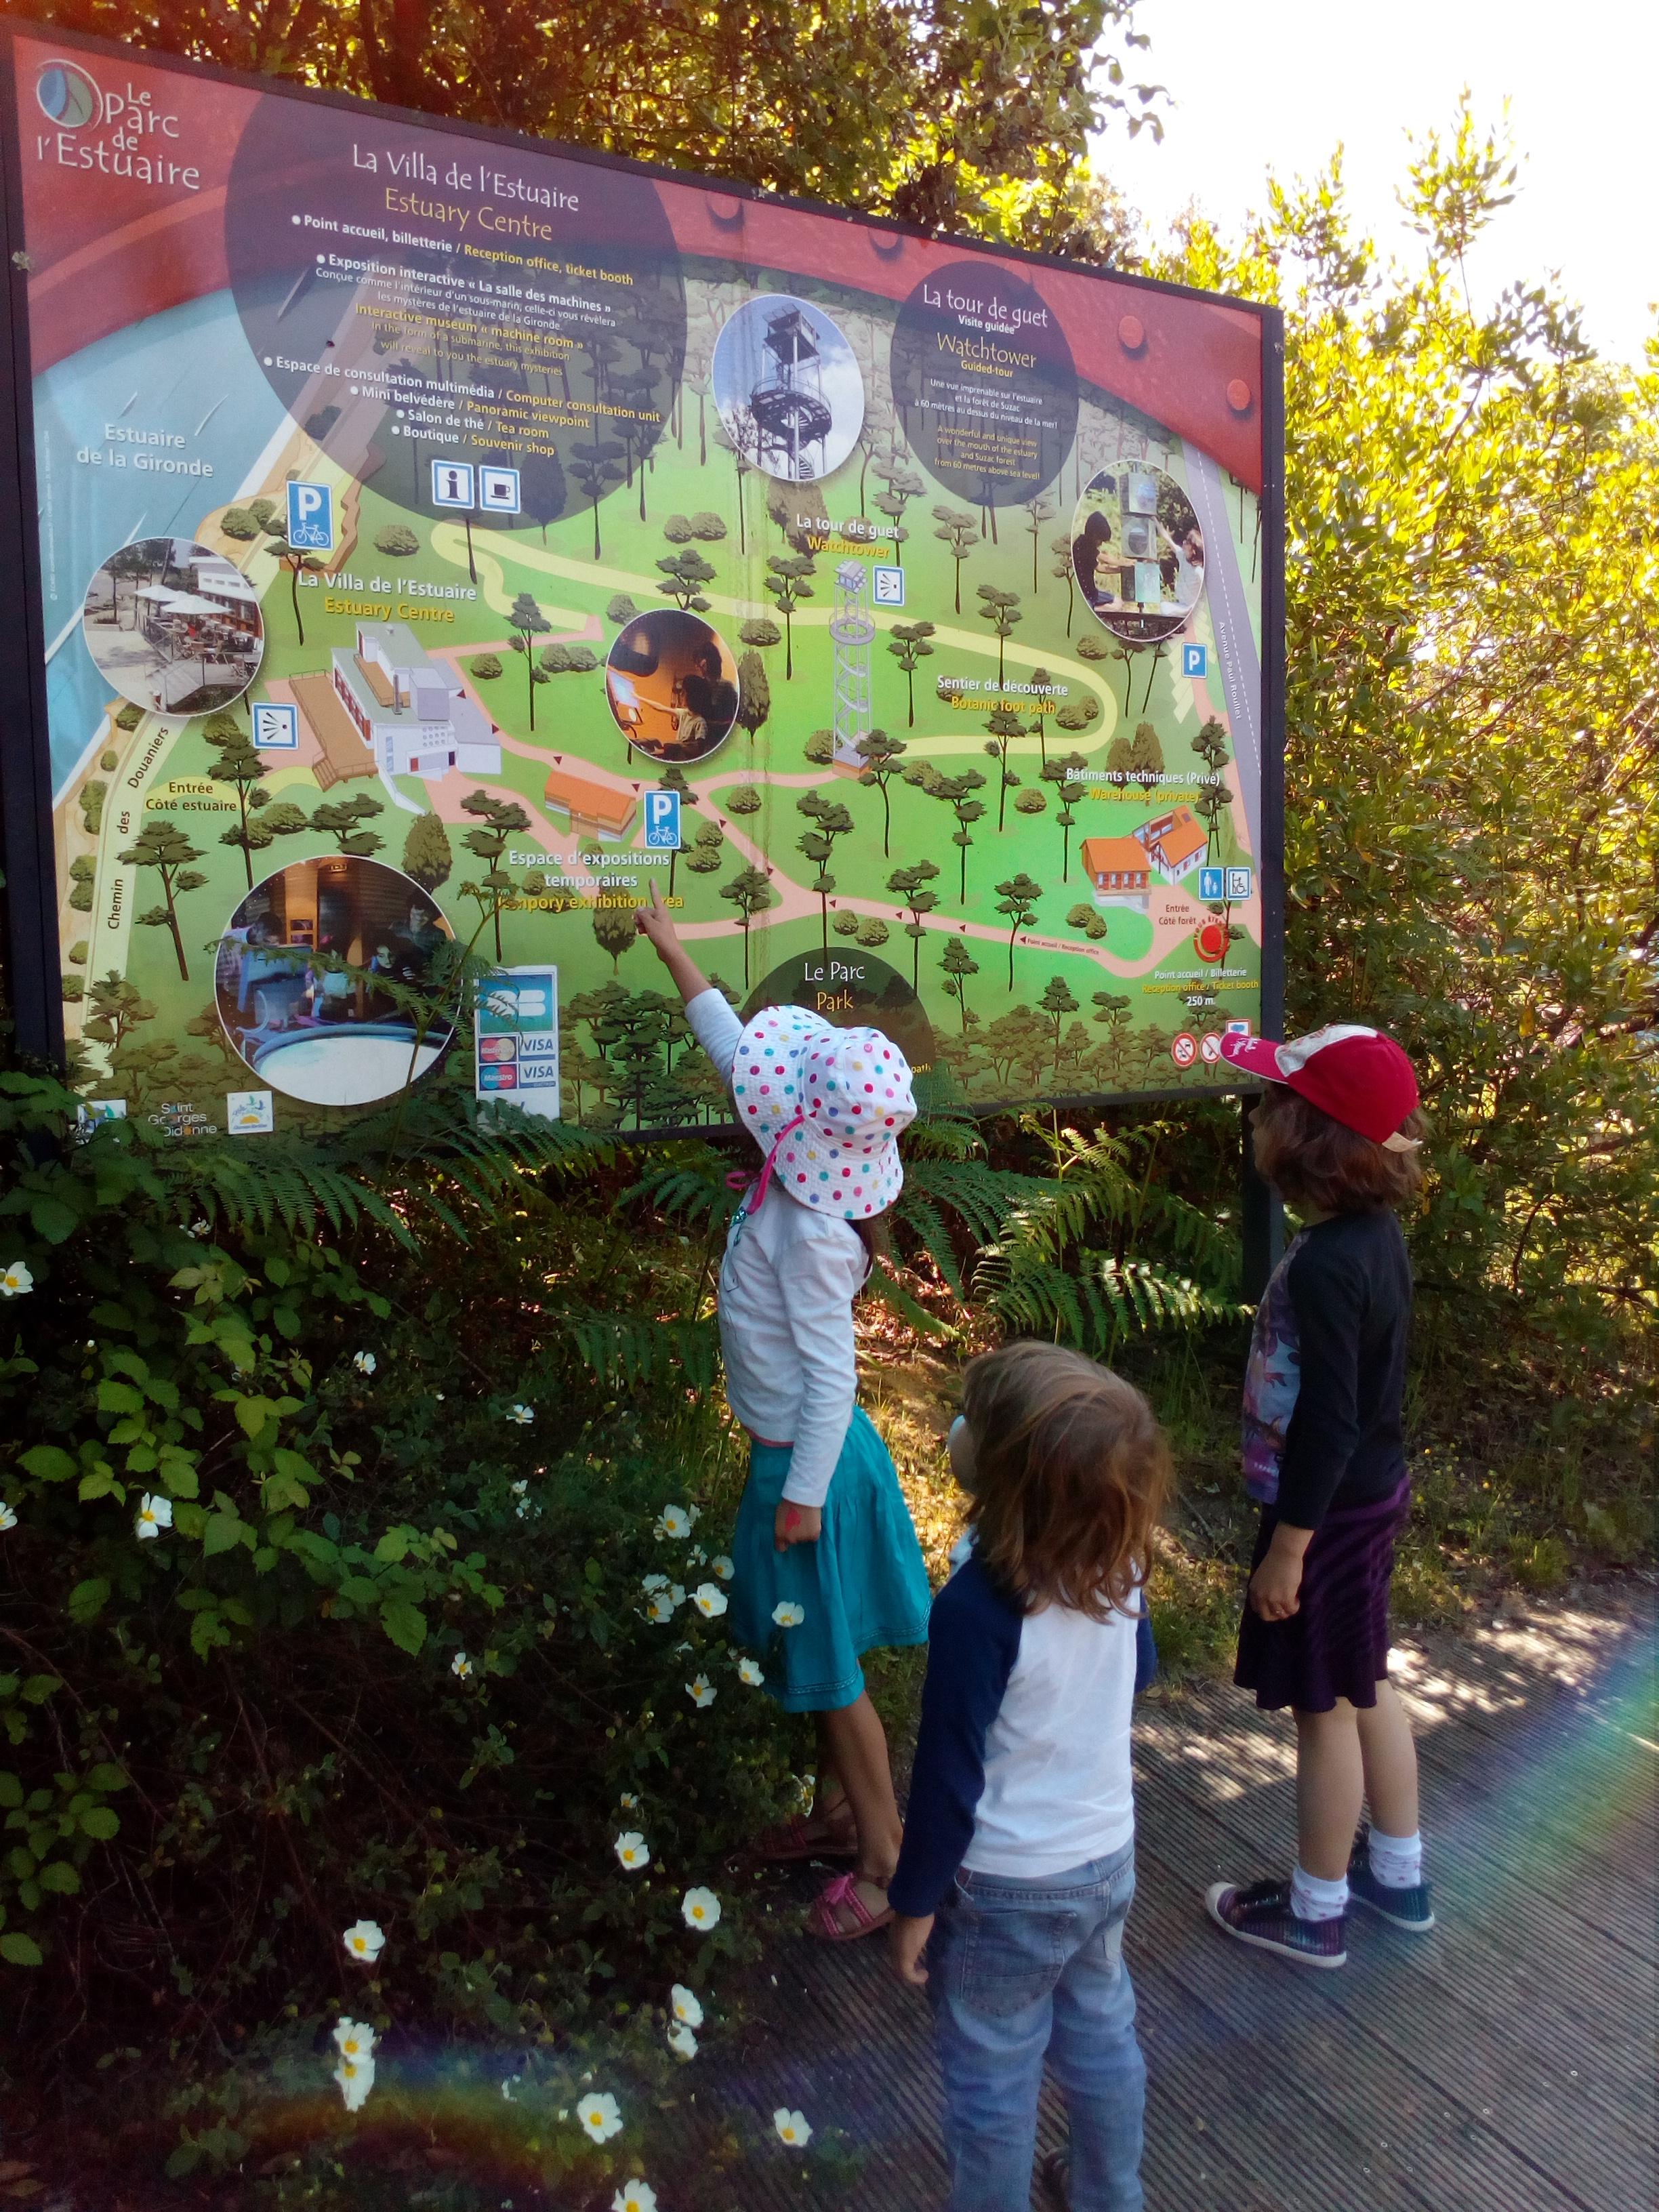 Entrée du Parc de l'estuaire à St-Georges-de-Didonne